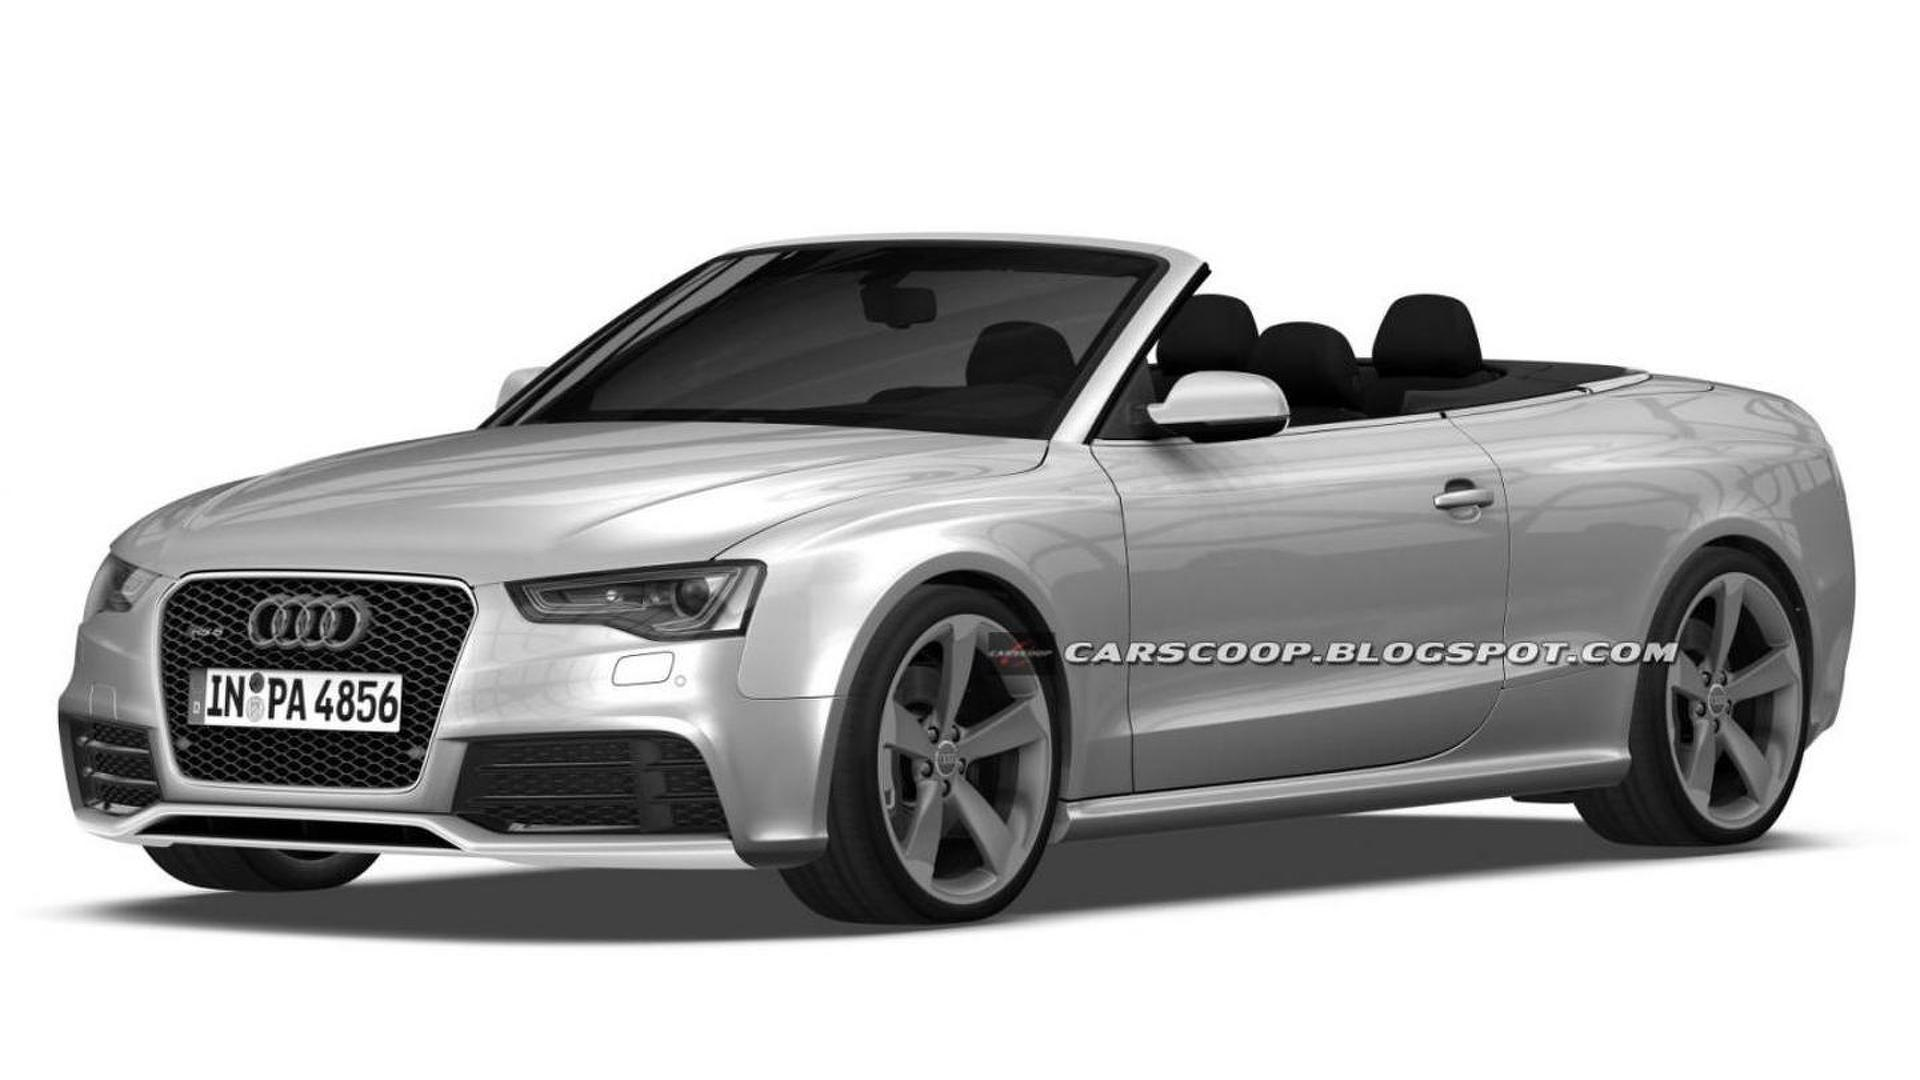 Audi Rs5 Cabrio Patent Photo 20 9 2011 1086108